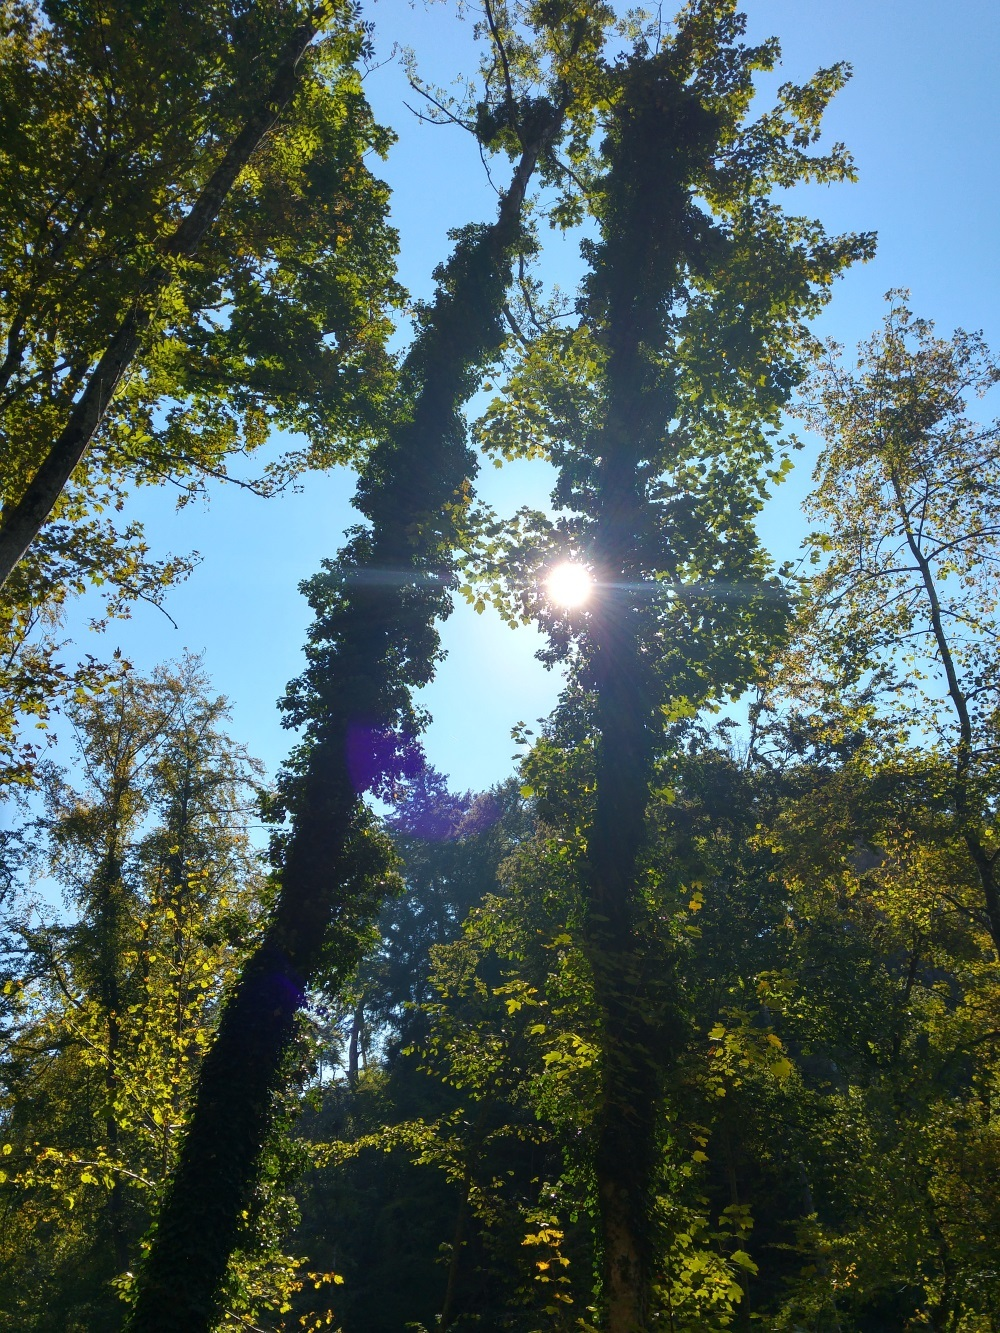 Die Bäume sind hoch, die Herbstsonne spitzt noch mühsam durch